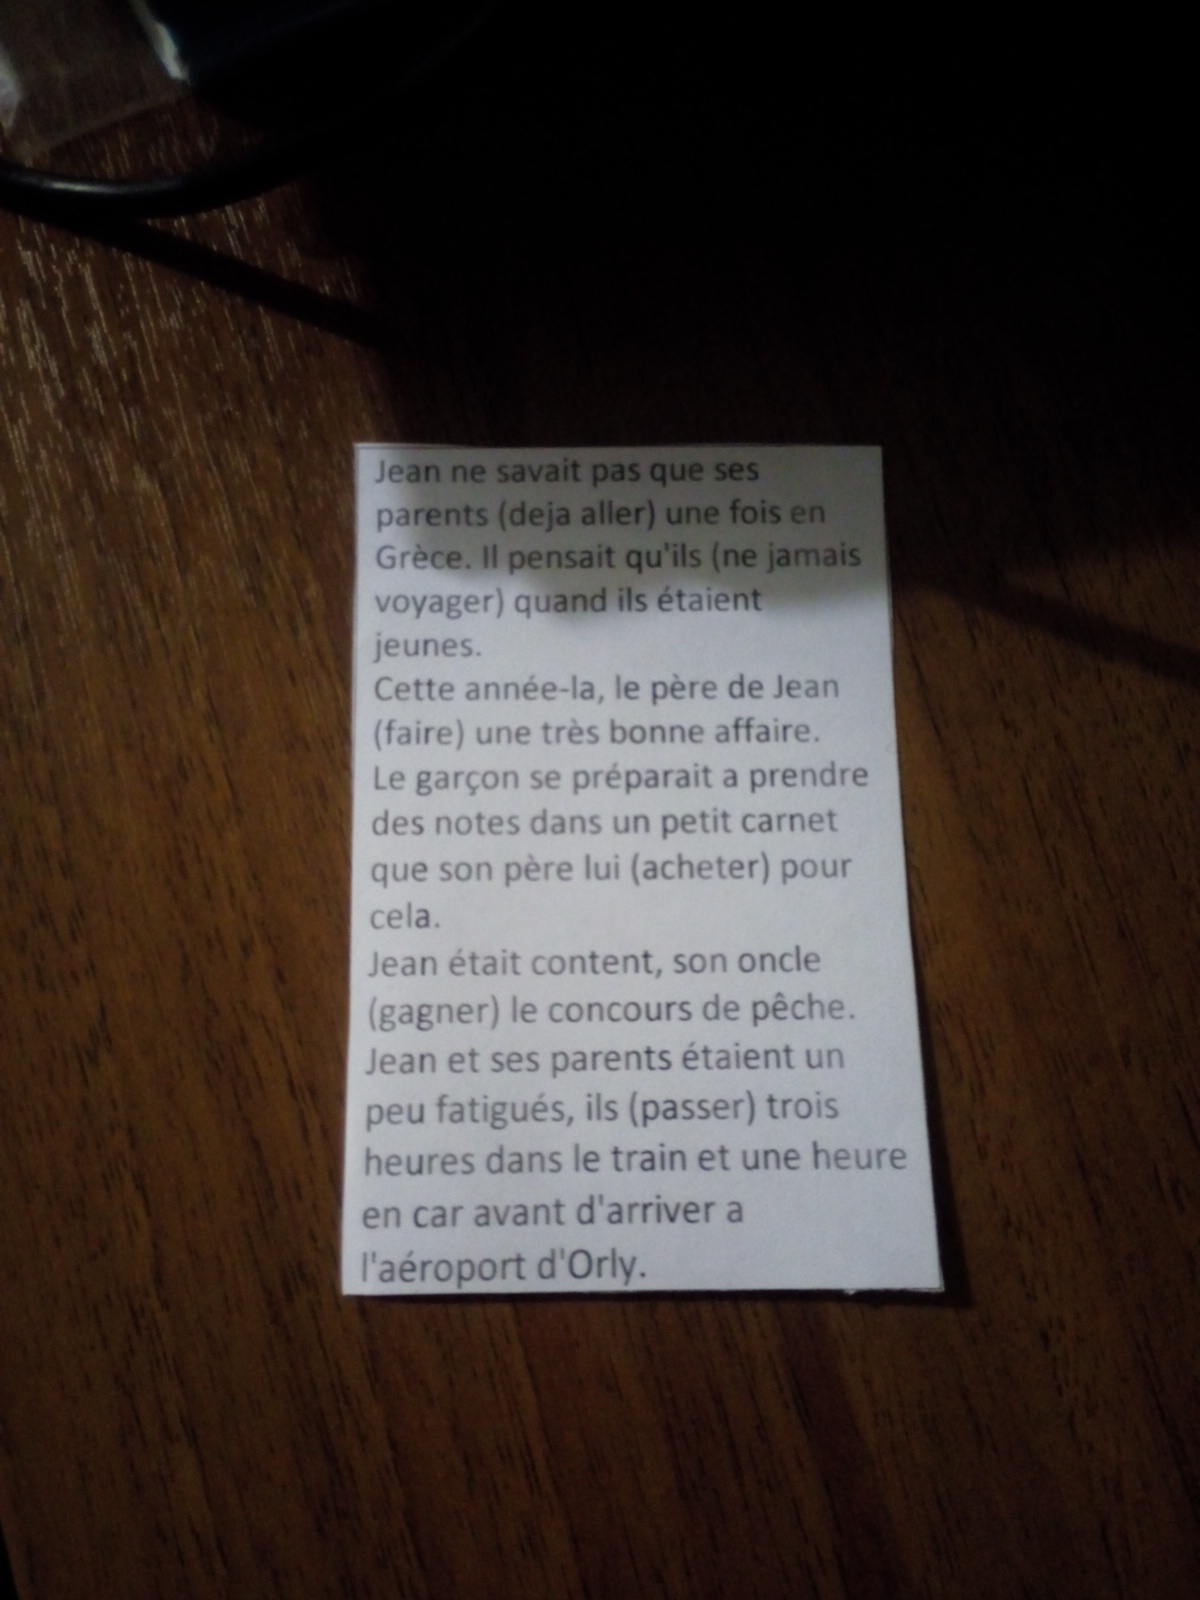 Глаголы в скобках нужно поставить в партиси пассе?